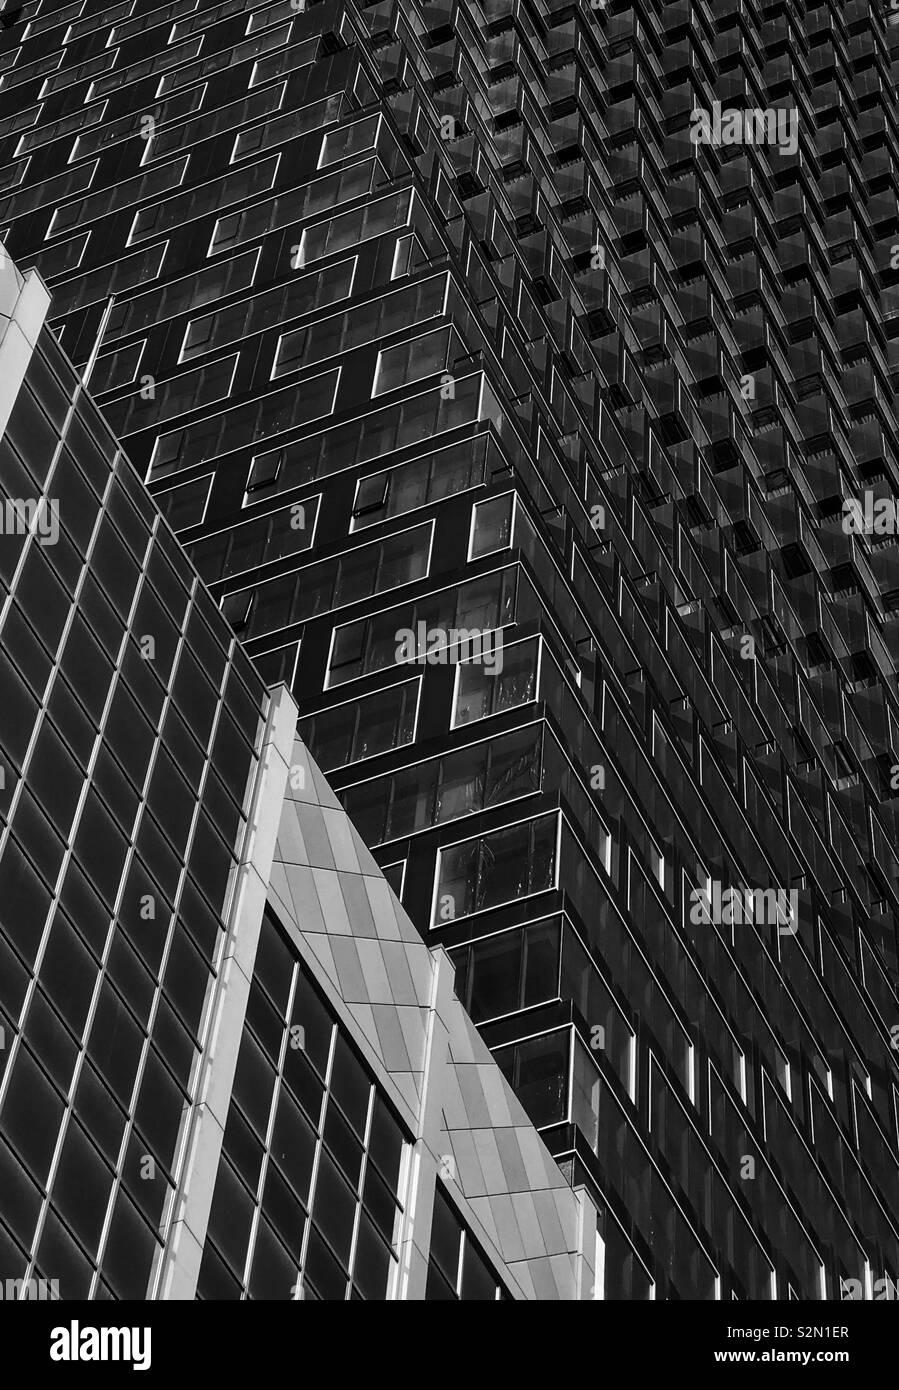 Abstract architettura in bianco e nero. Gli edifici in centro a Calgary, Alberta, Canada. Foto Stock